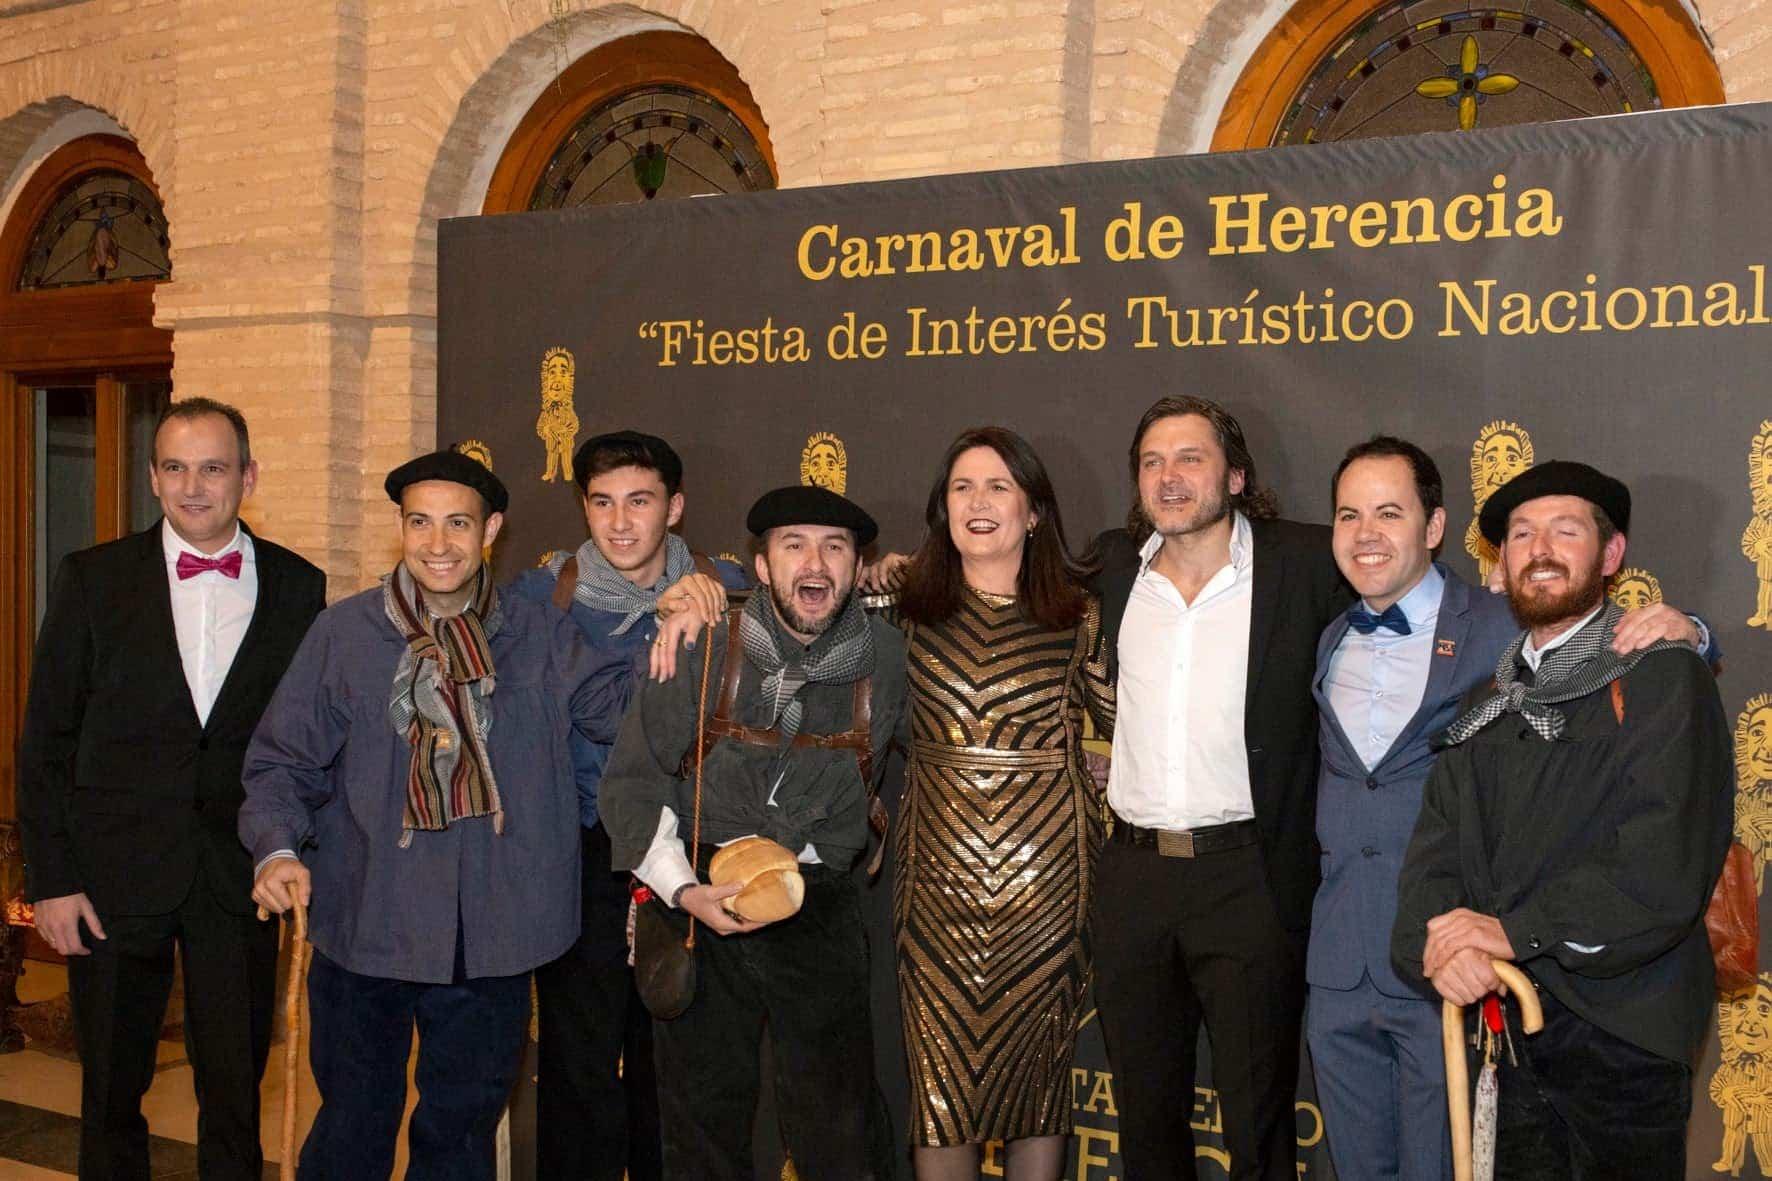 inauguracion carnaval 2020 herencia 33 - Inauguración del Carnaval de Herencia 2020